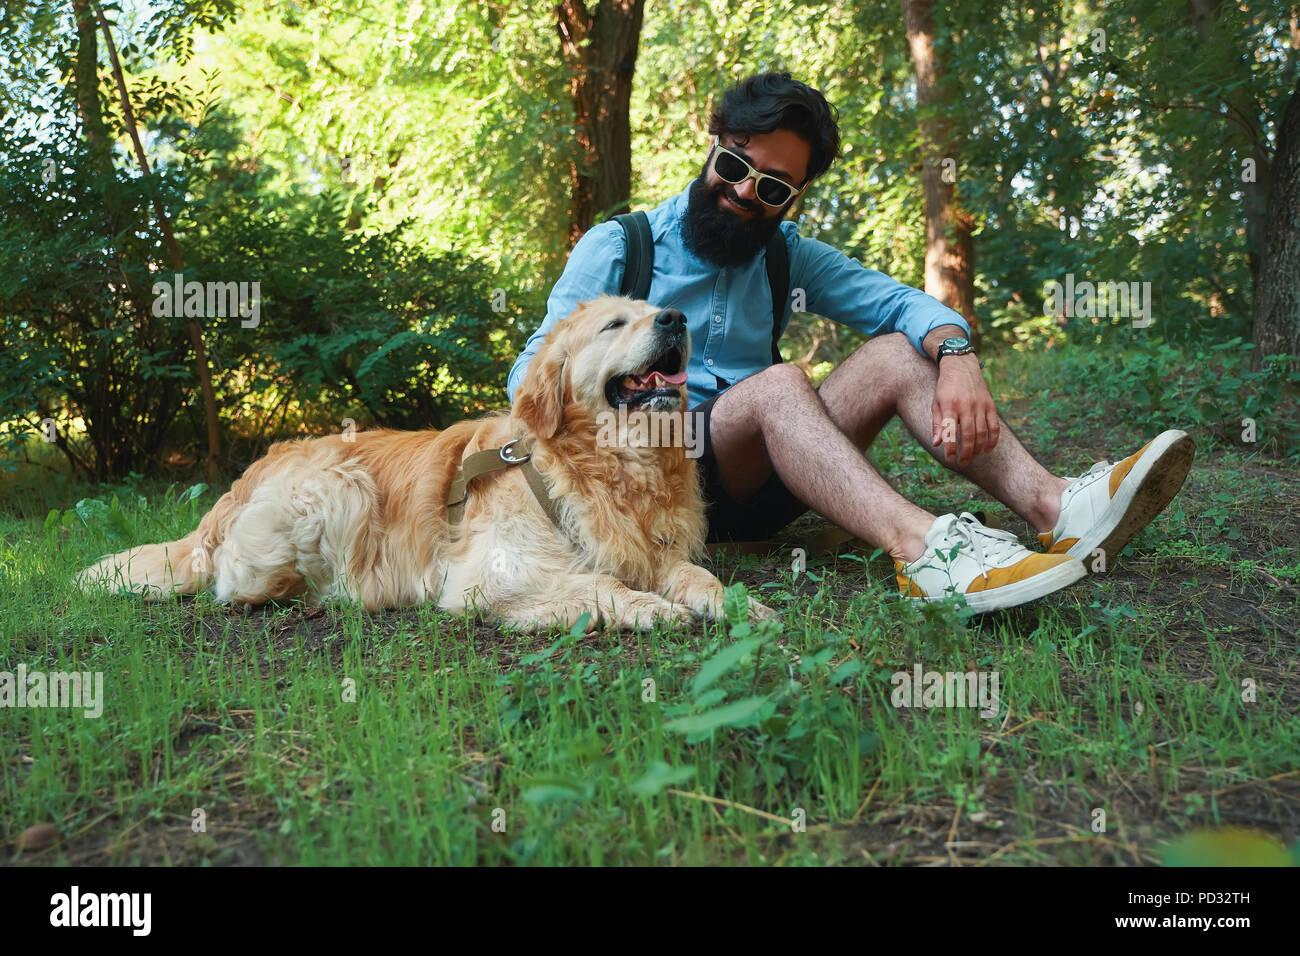 Mann mit Bart und seinen kleinen gelben Hund spielen und genießen Sonne Stockbild